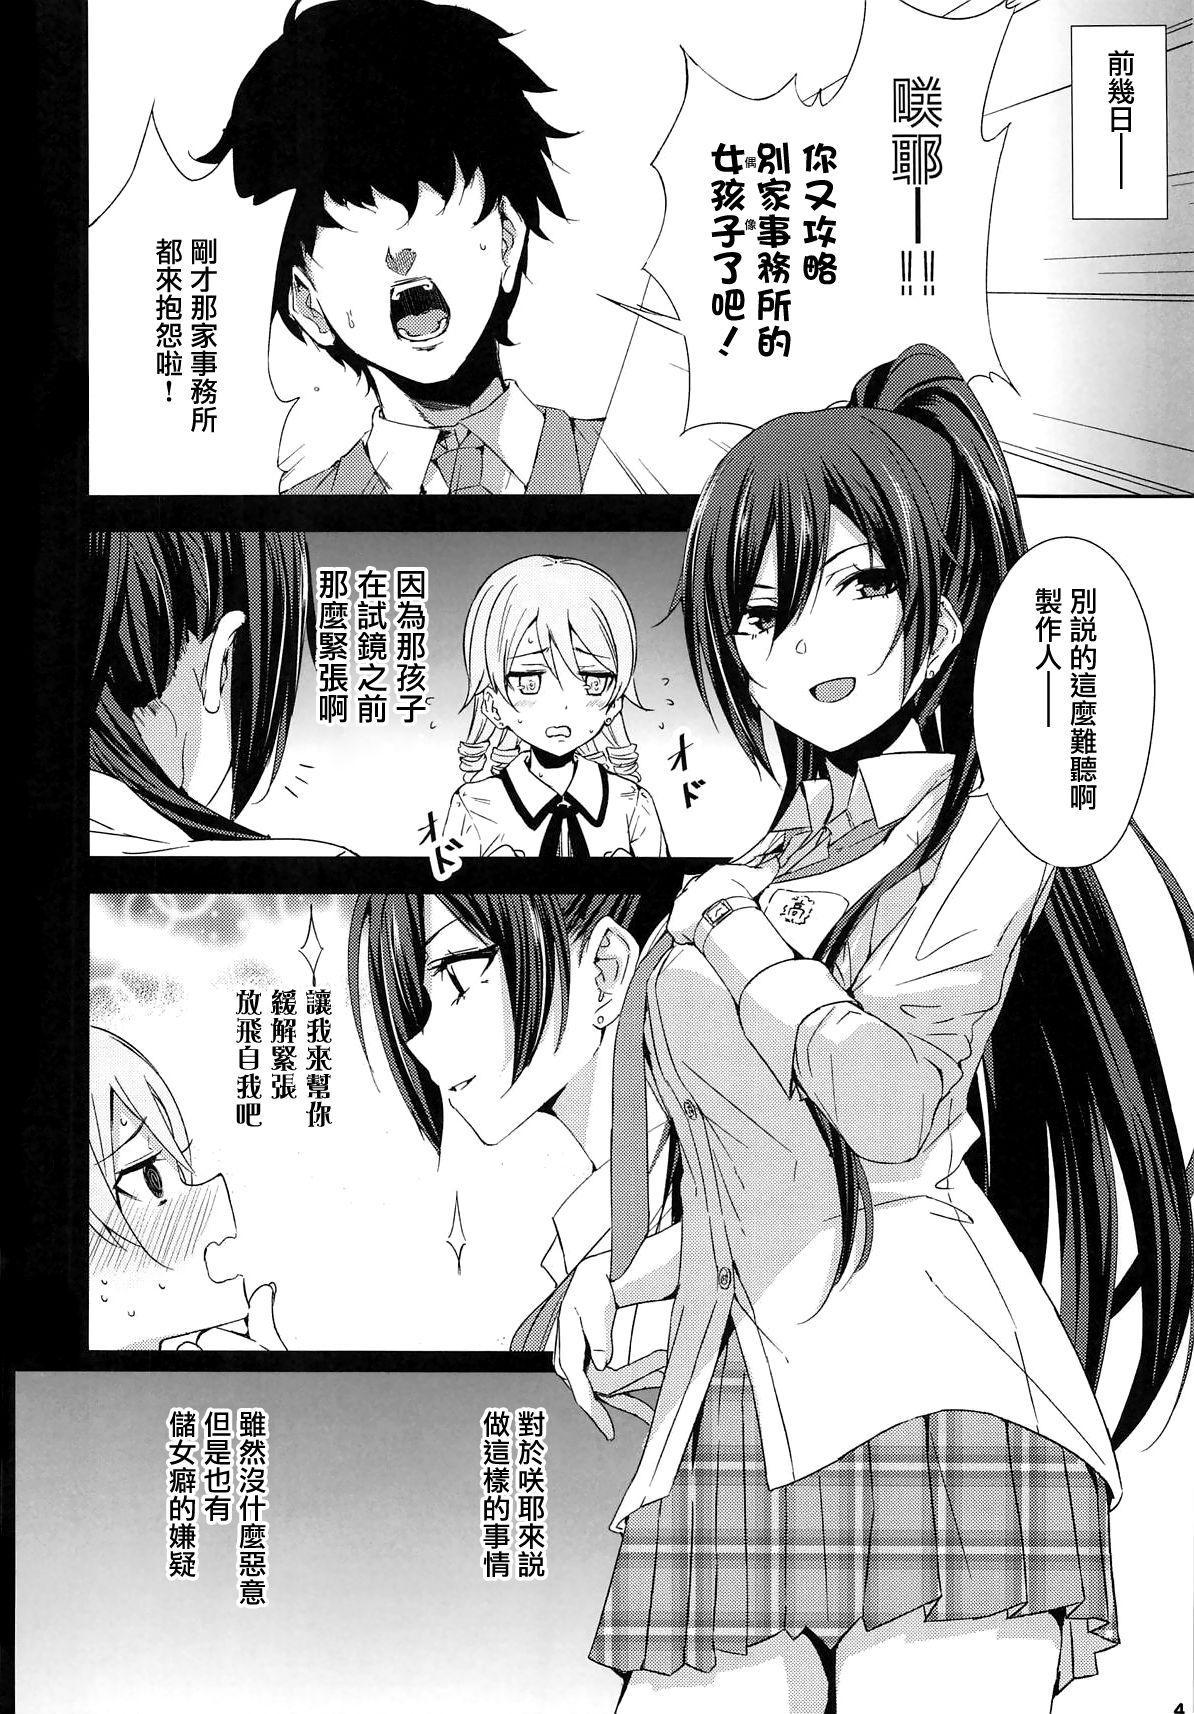 Ouji-sama no Shitsukekata 4